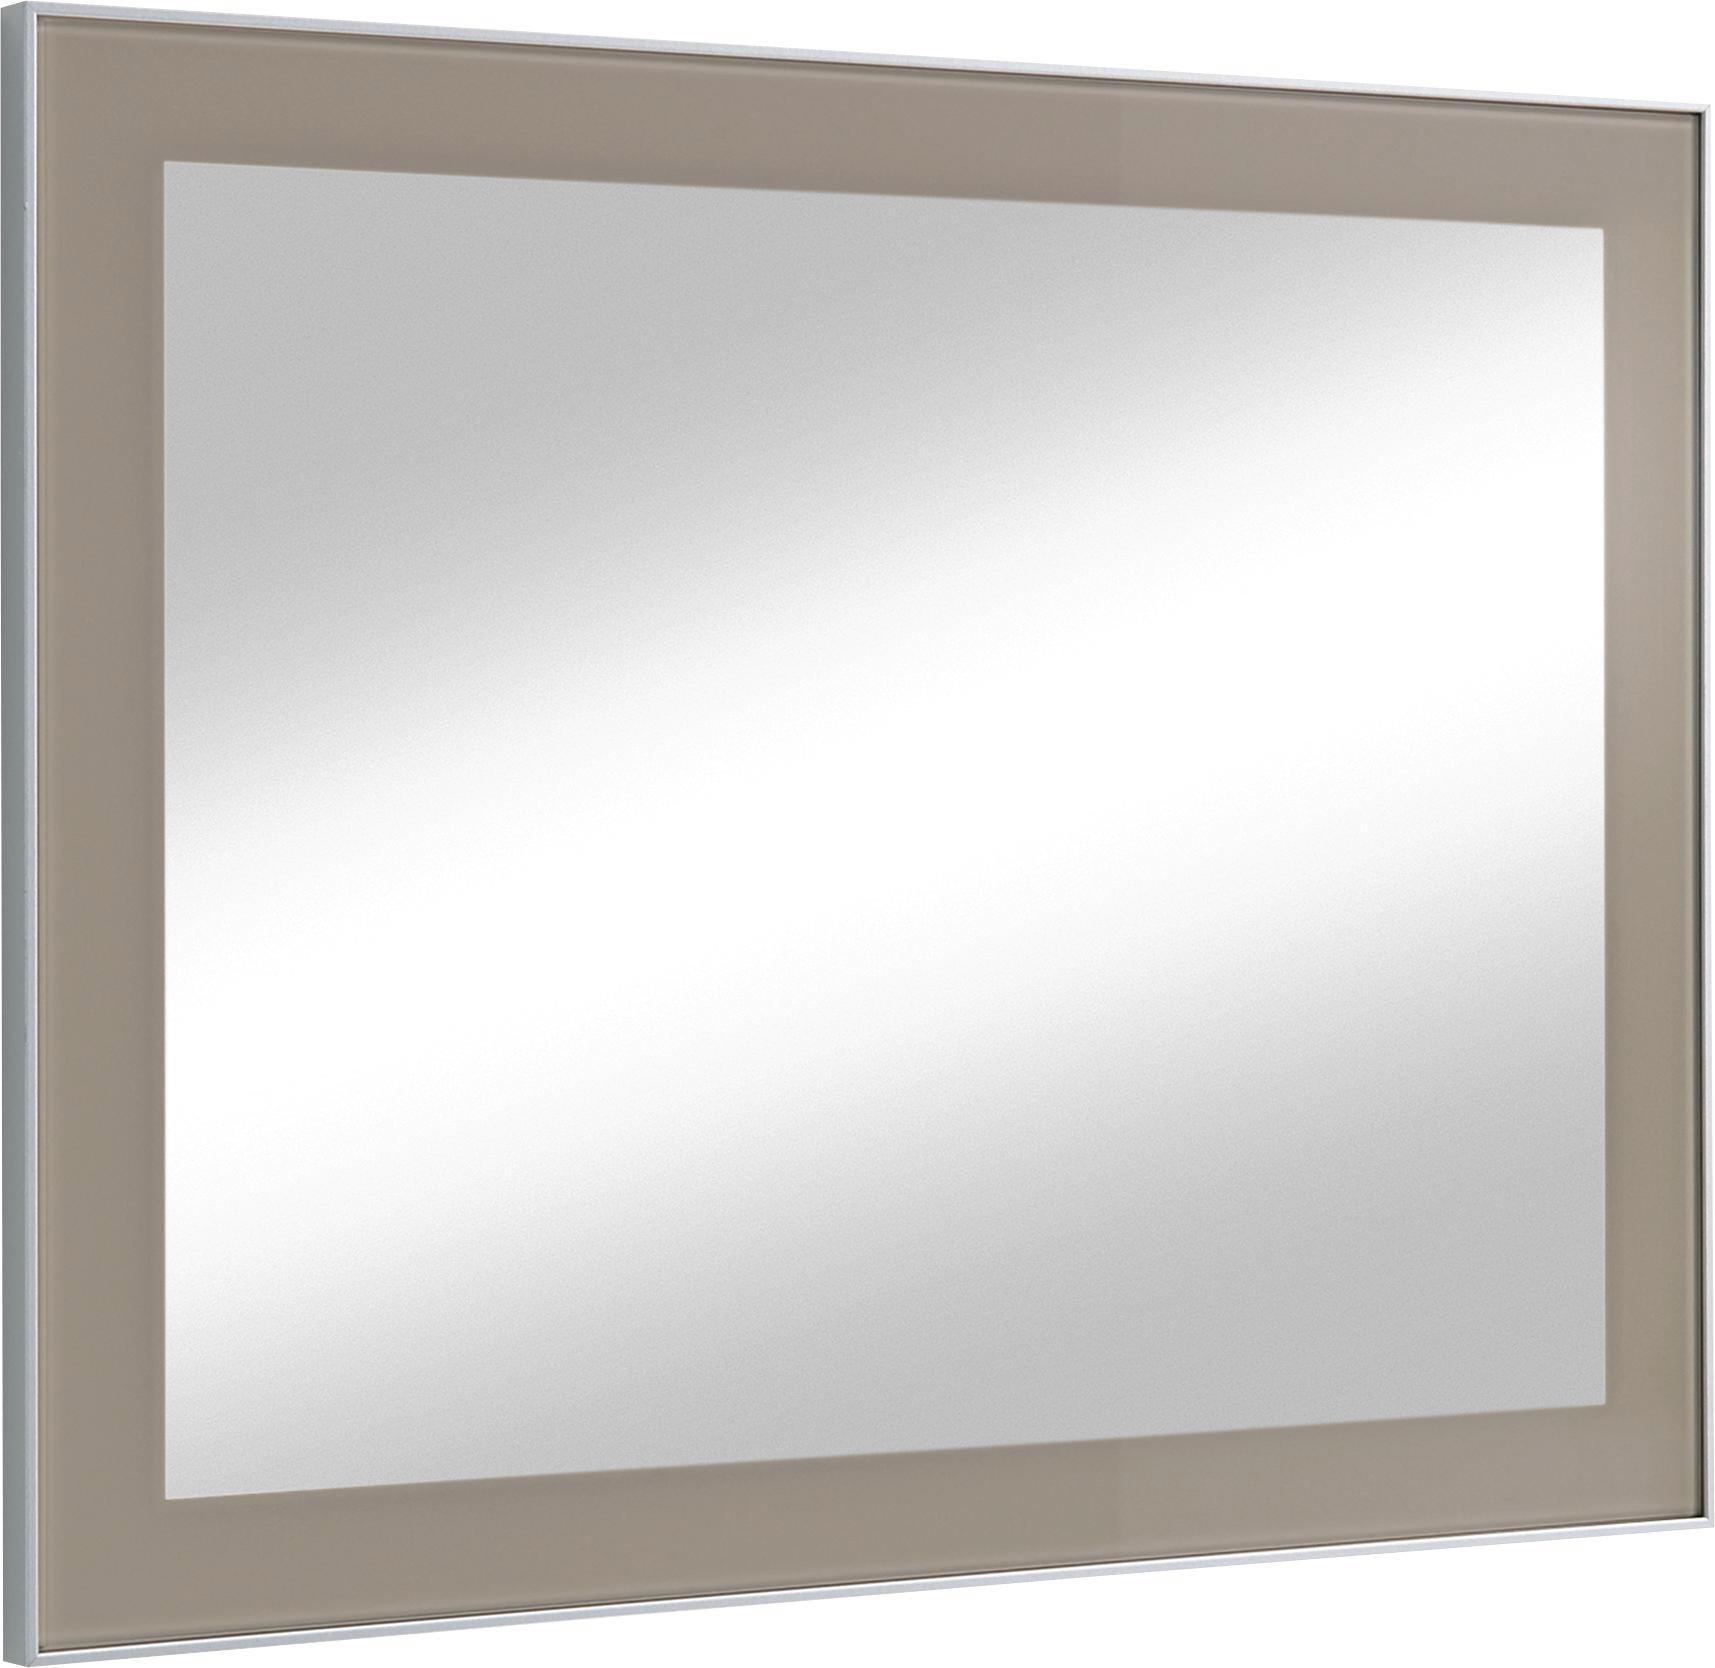 SPIEGEL - Taupe, Design, Glas (80/60/2cm) - NOVEL